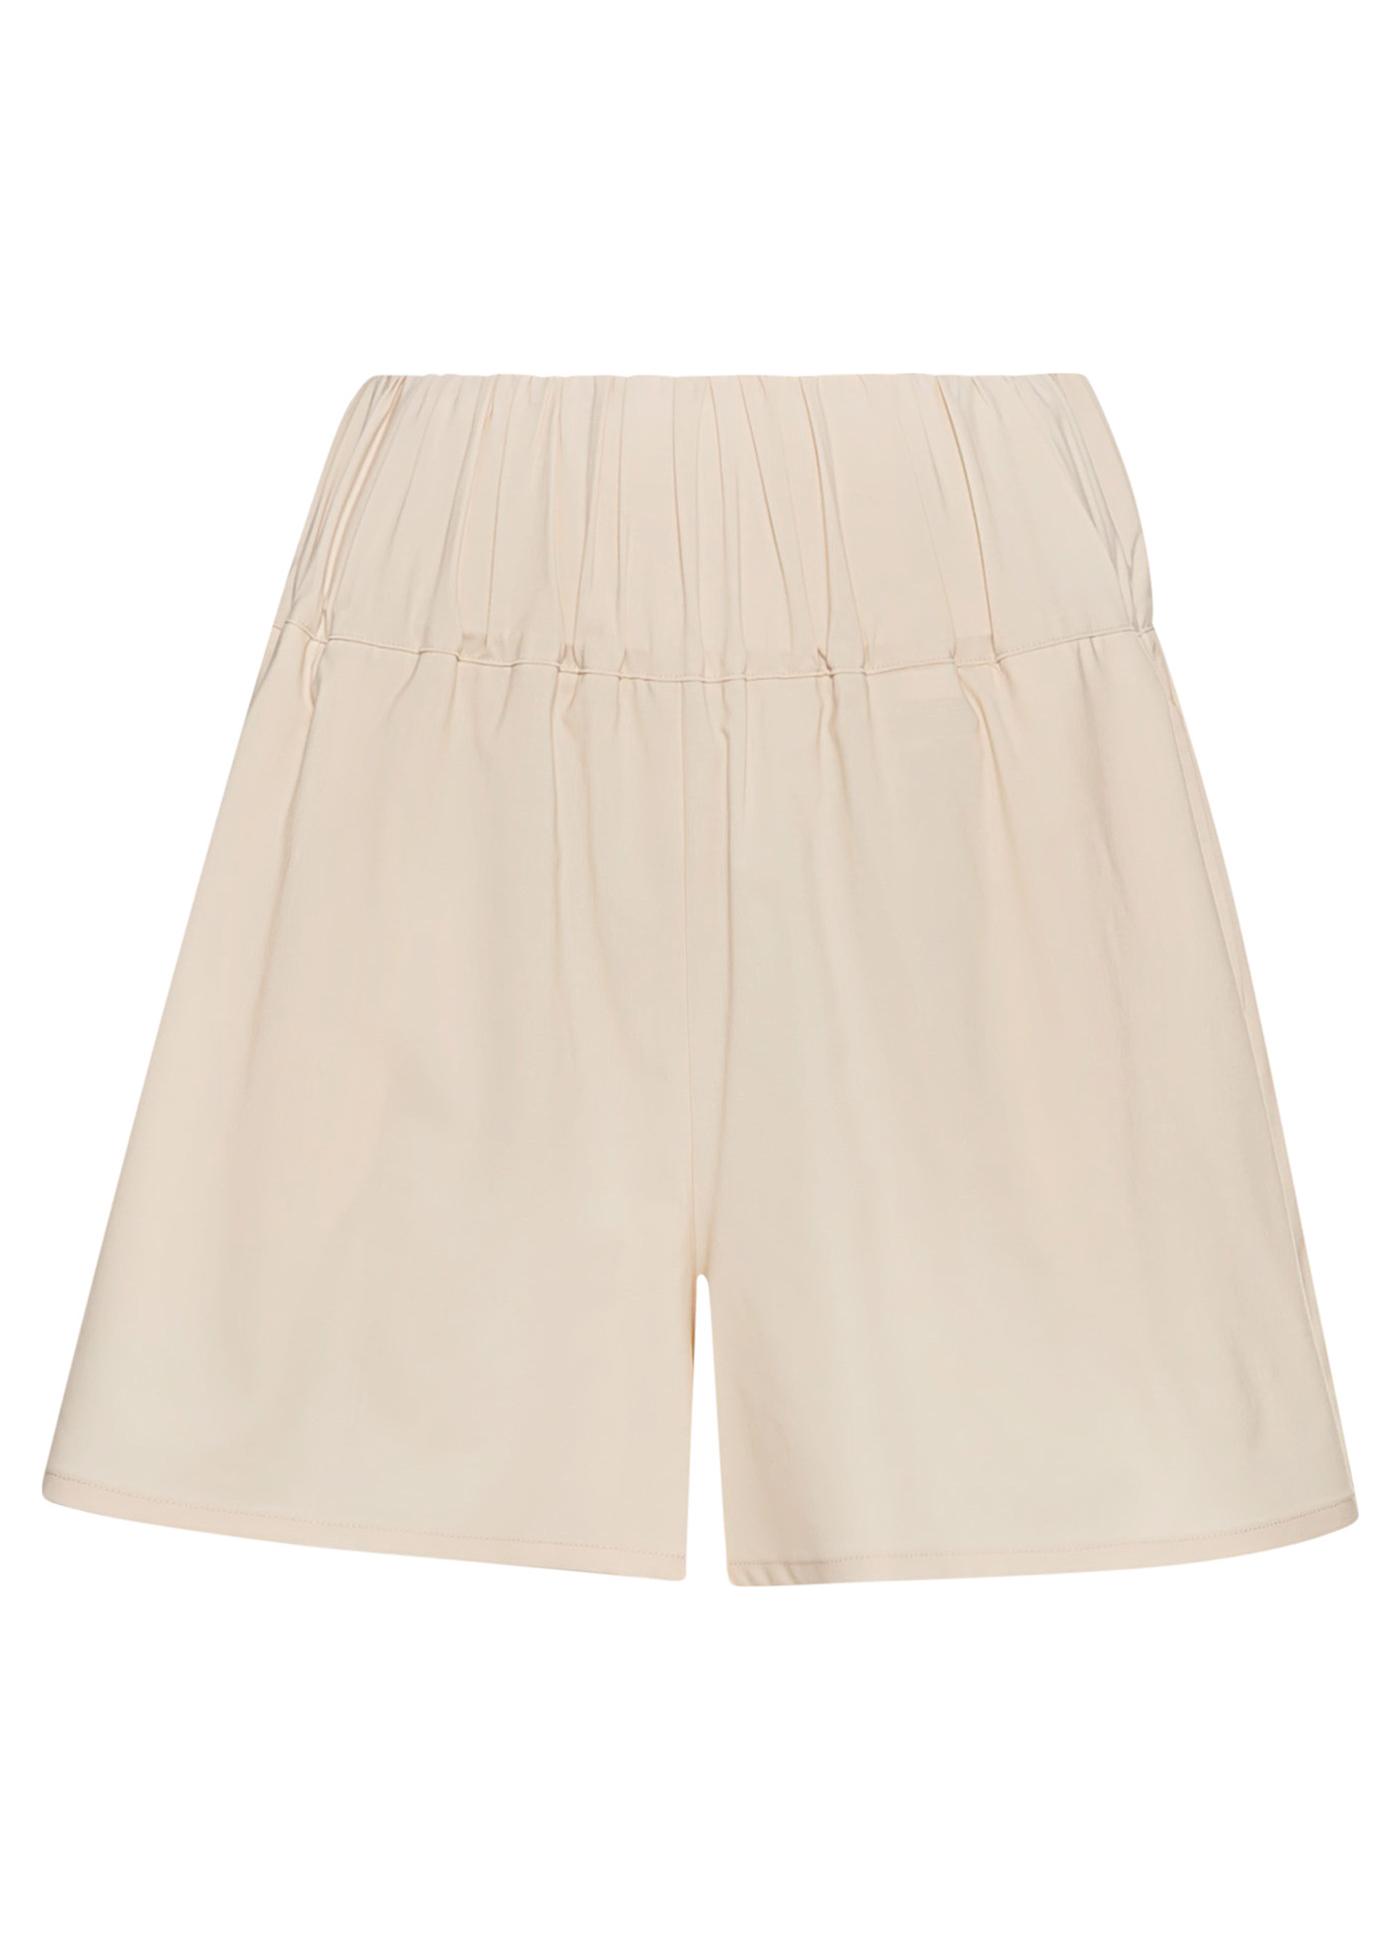 LUNA Shorts image number 0